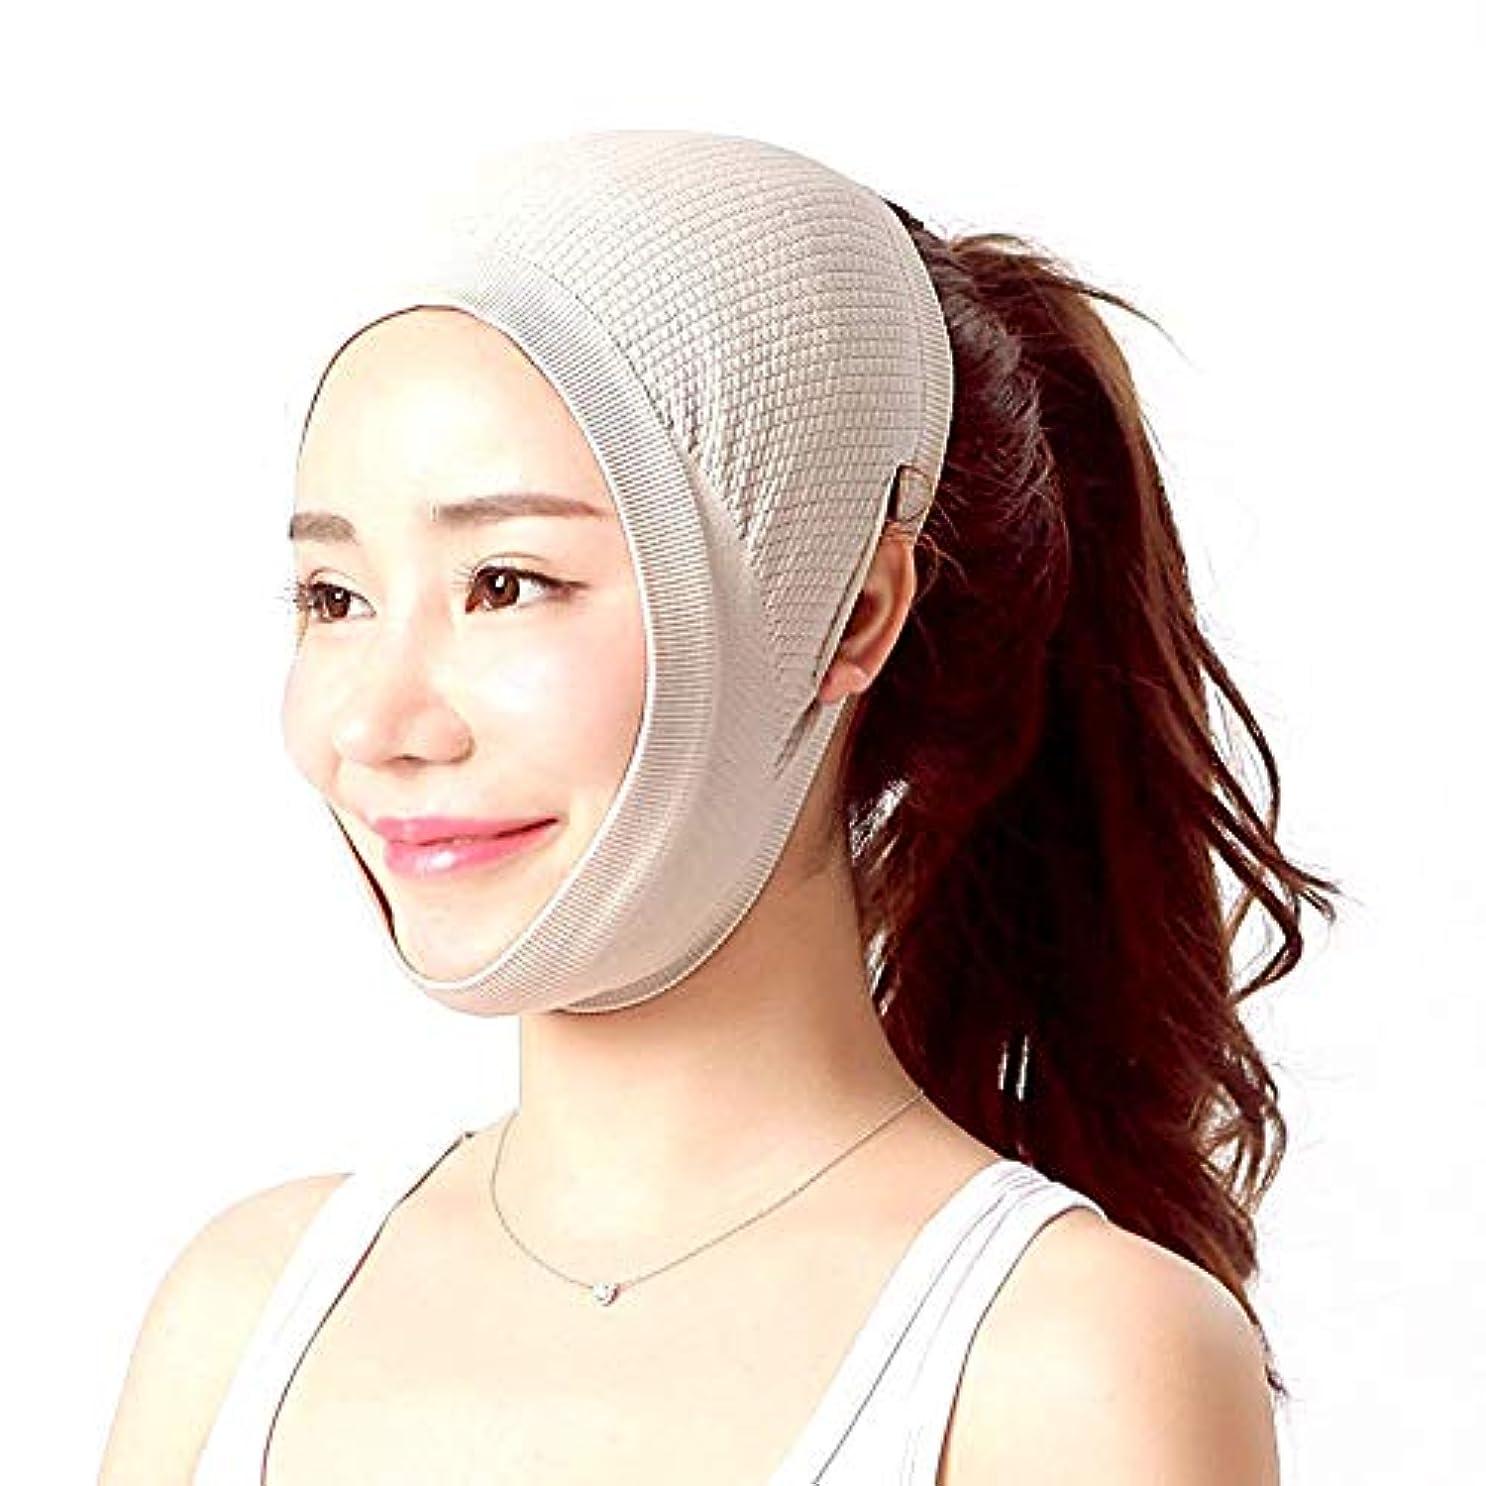 アクション不平を言うミスペンド飛強強 フェイスリフティングアーティファクト包帯ライン術後回復包帯リフティングフェイスフードVフェイス包帯リフティングVフェイス美容マスク - 肌のトーン スリムフィット美容ツール